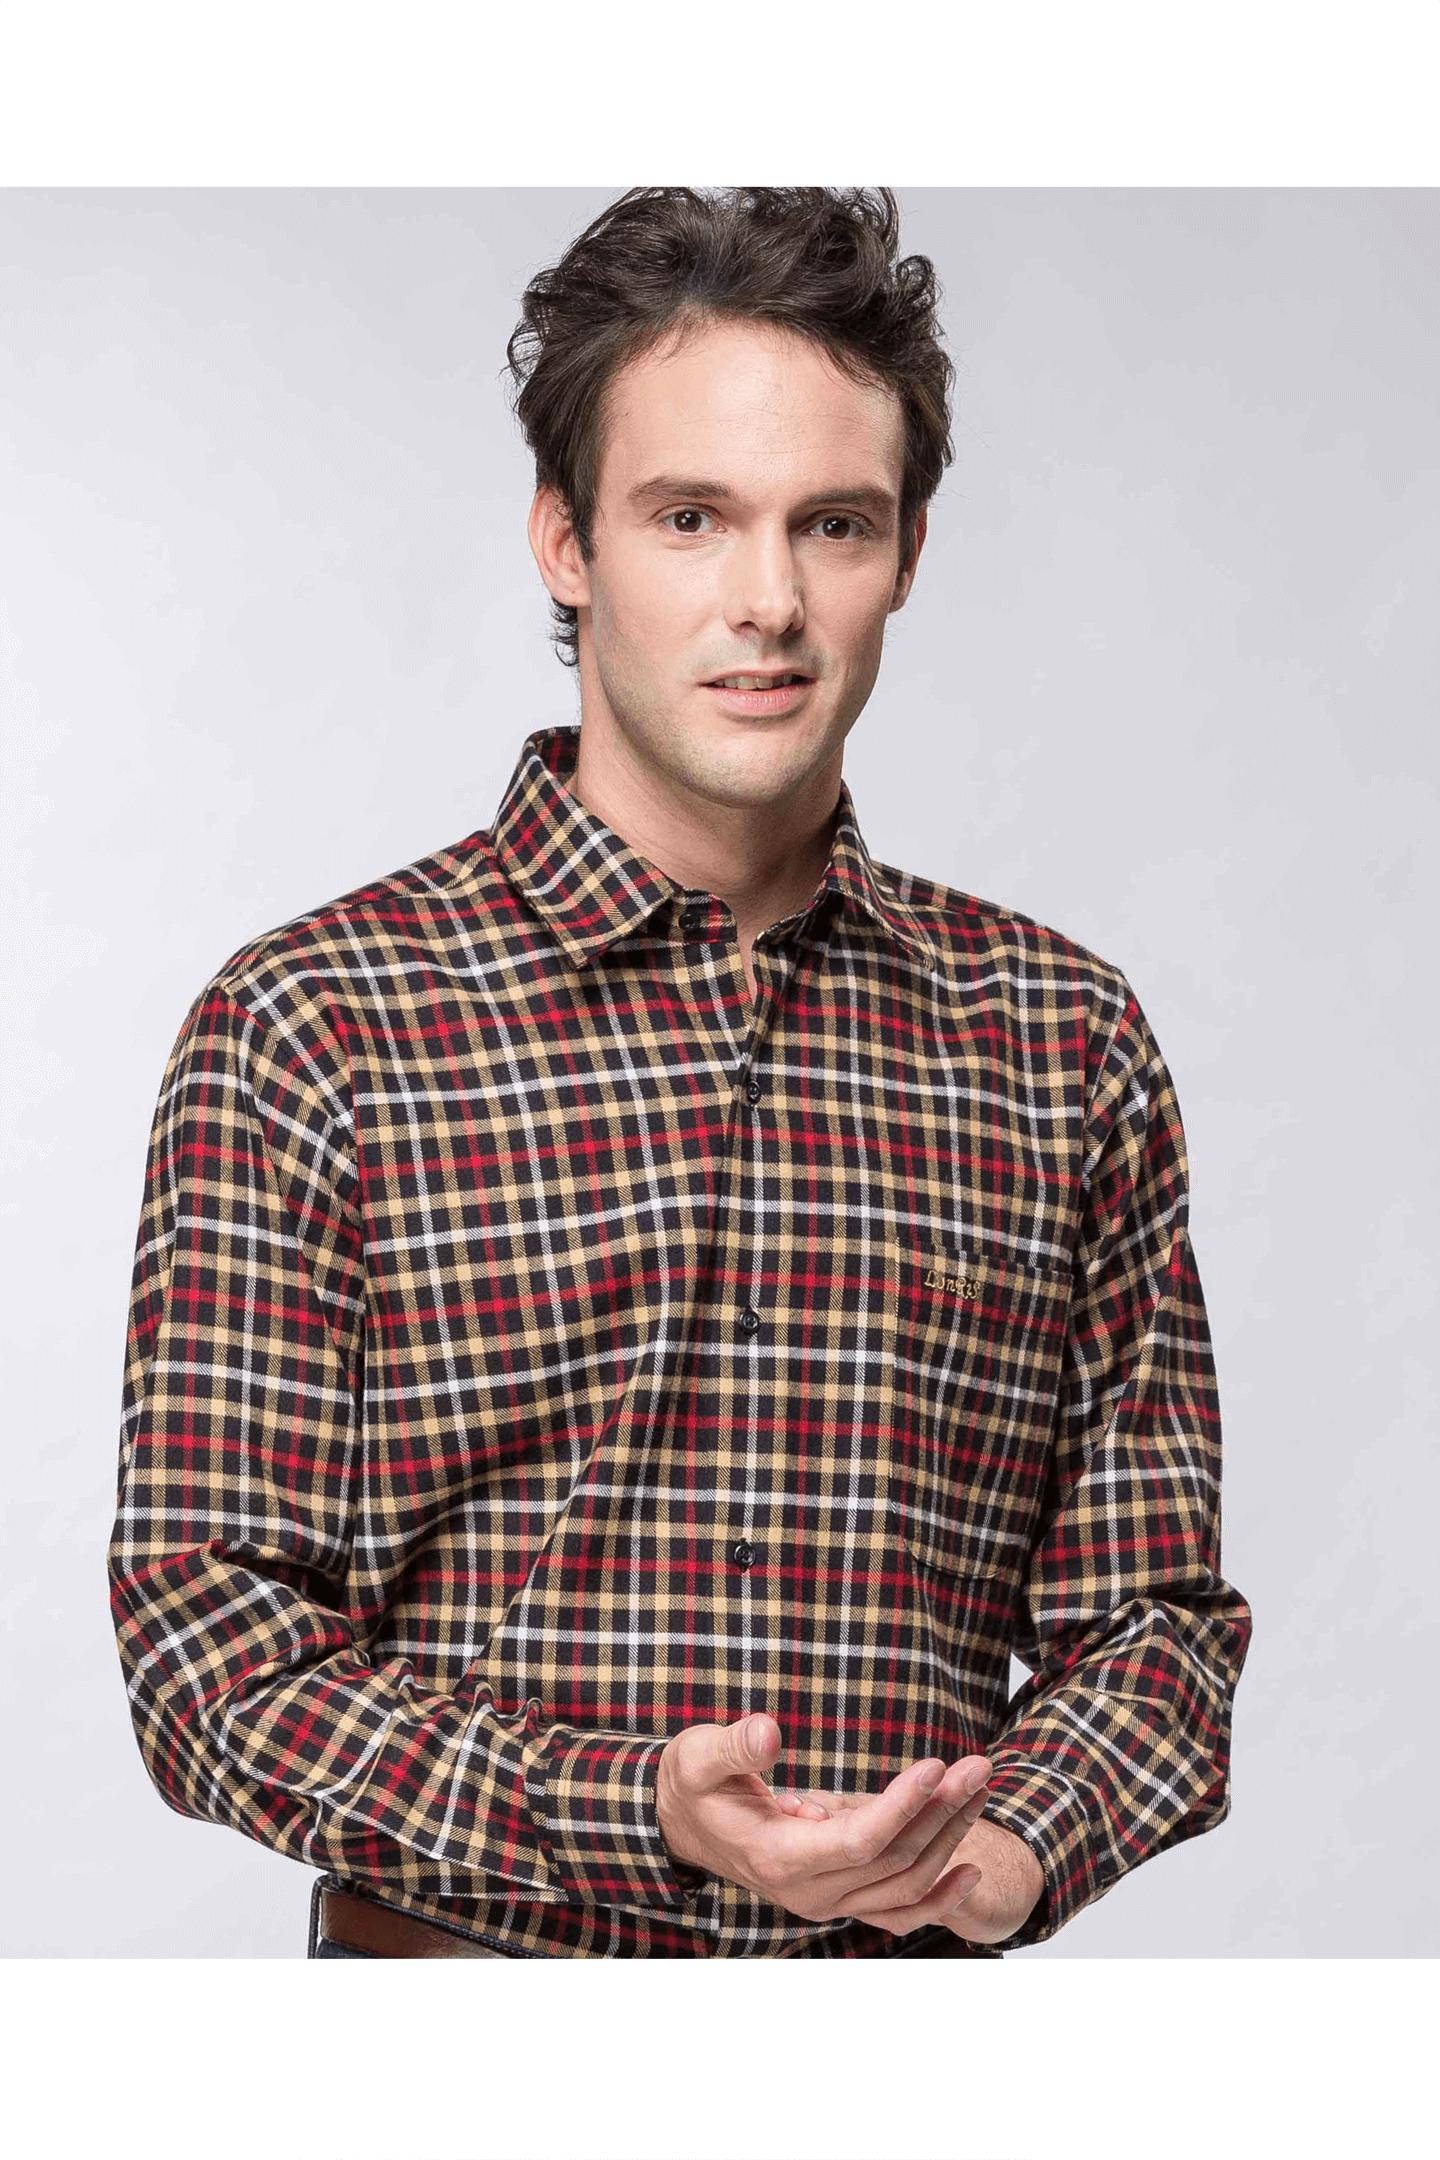 雙色格紋保暖長袖襯衫(紅黃 ) / 保暖 舒適透氣